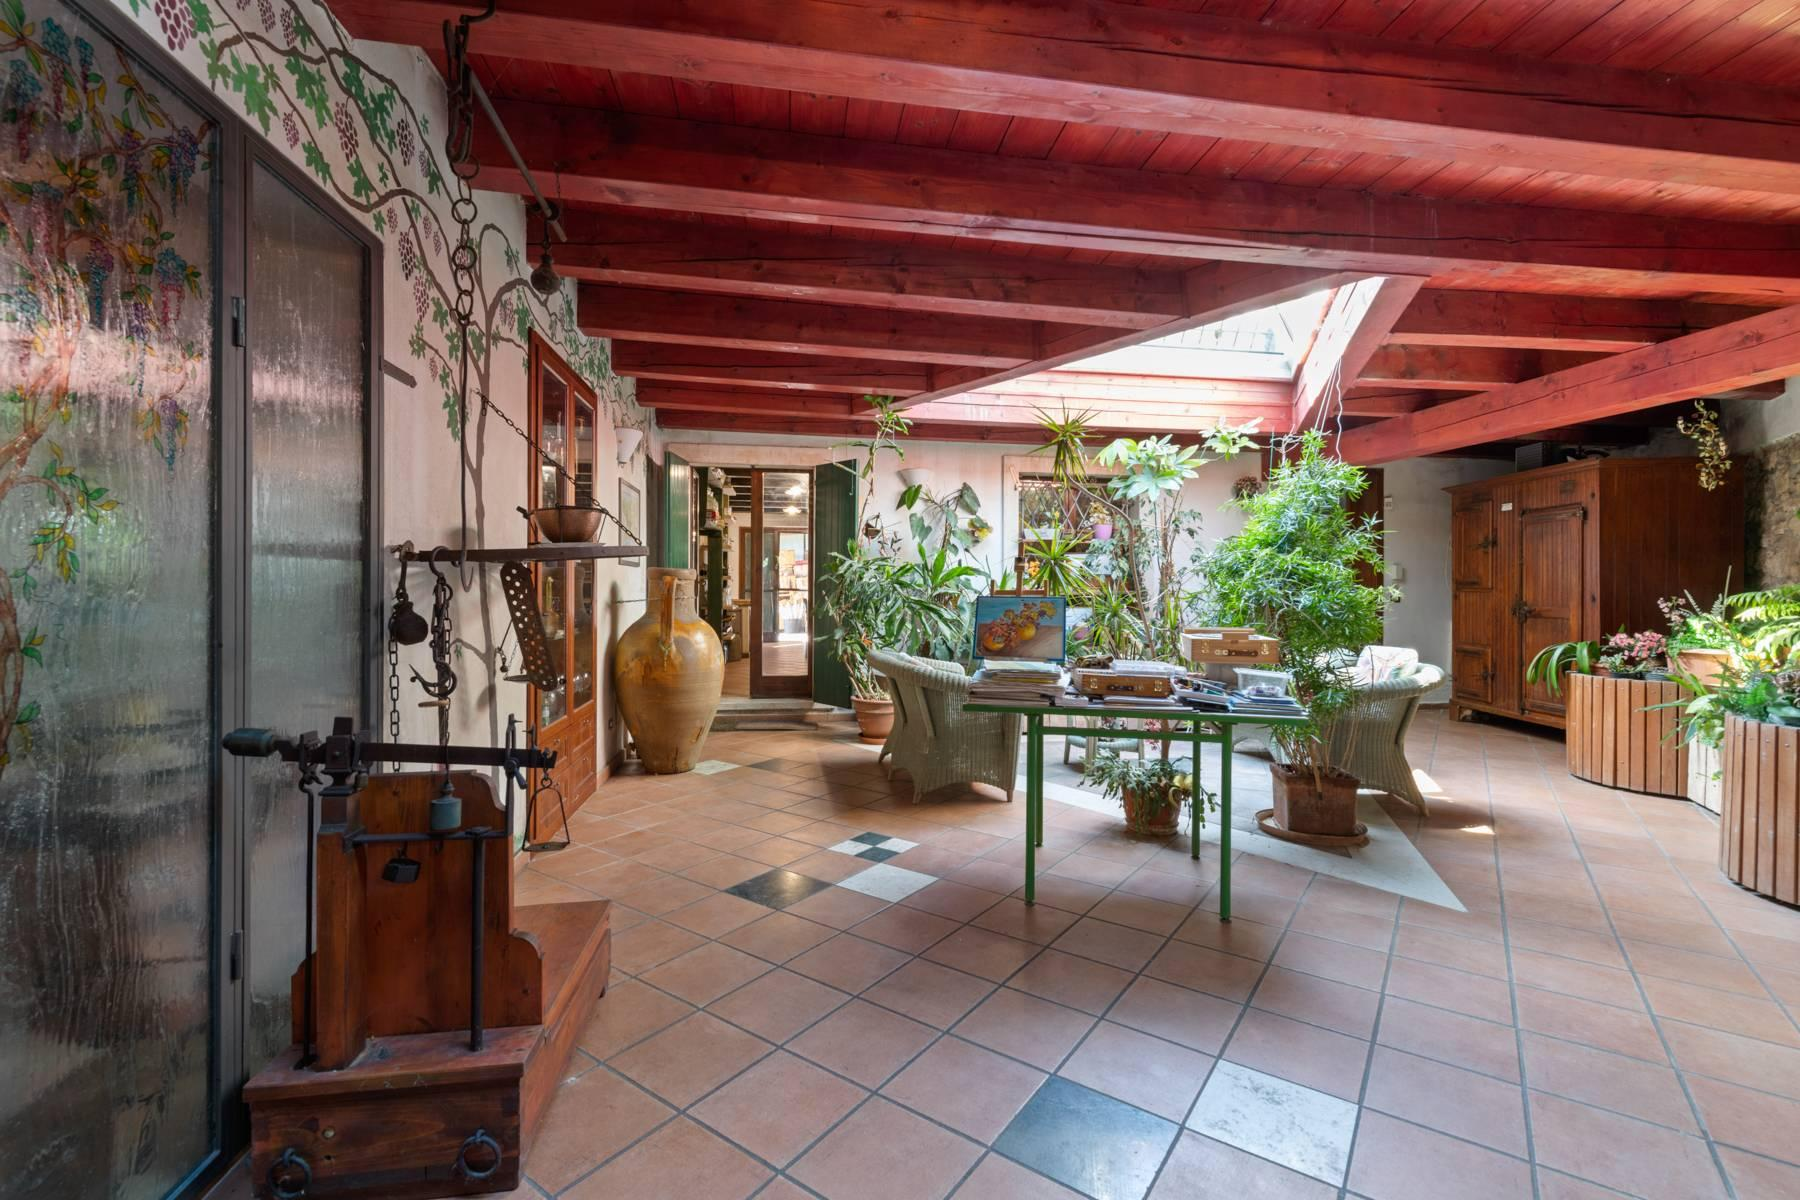 Storica villa di campagna con piscina e campo da tennis con tenuta nelle colline veronesi - 15